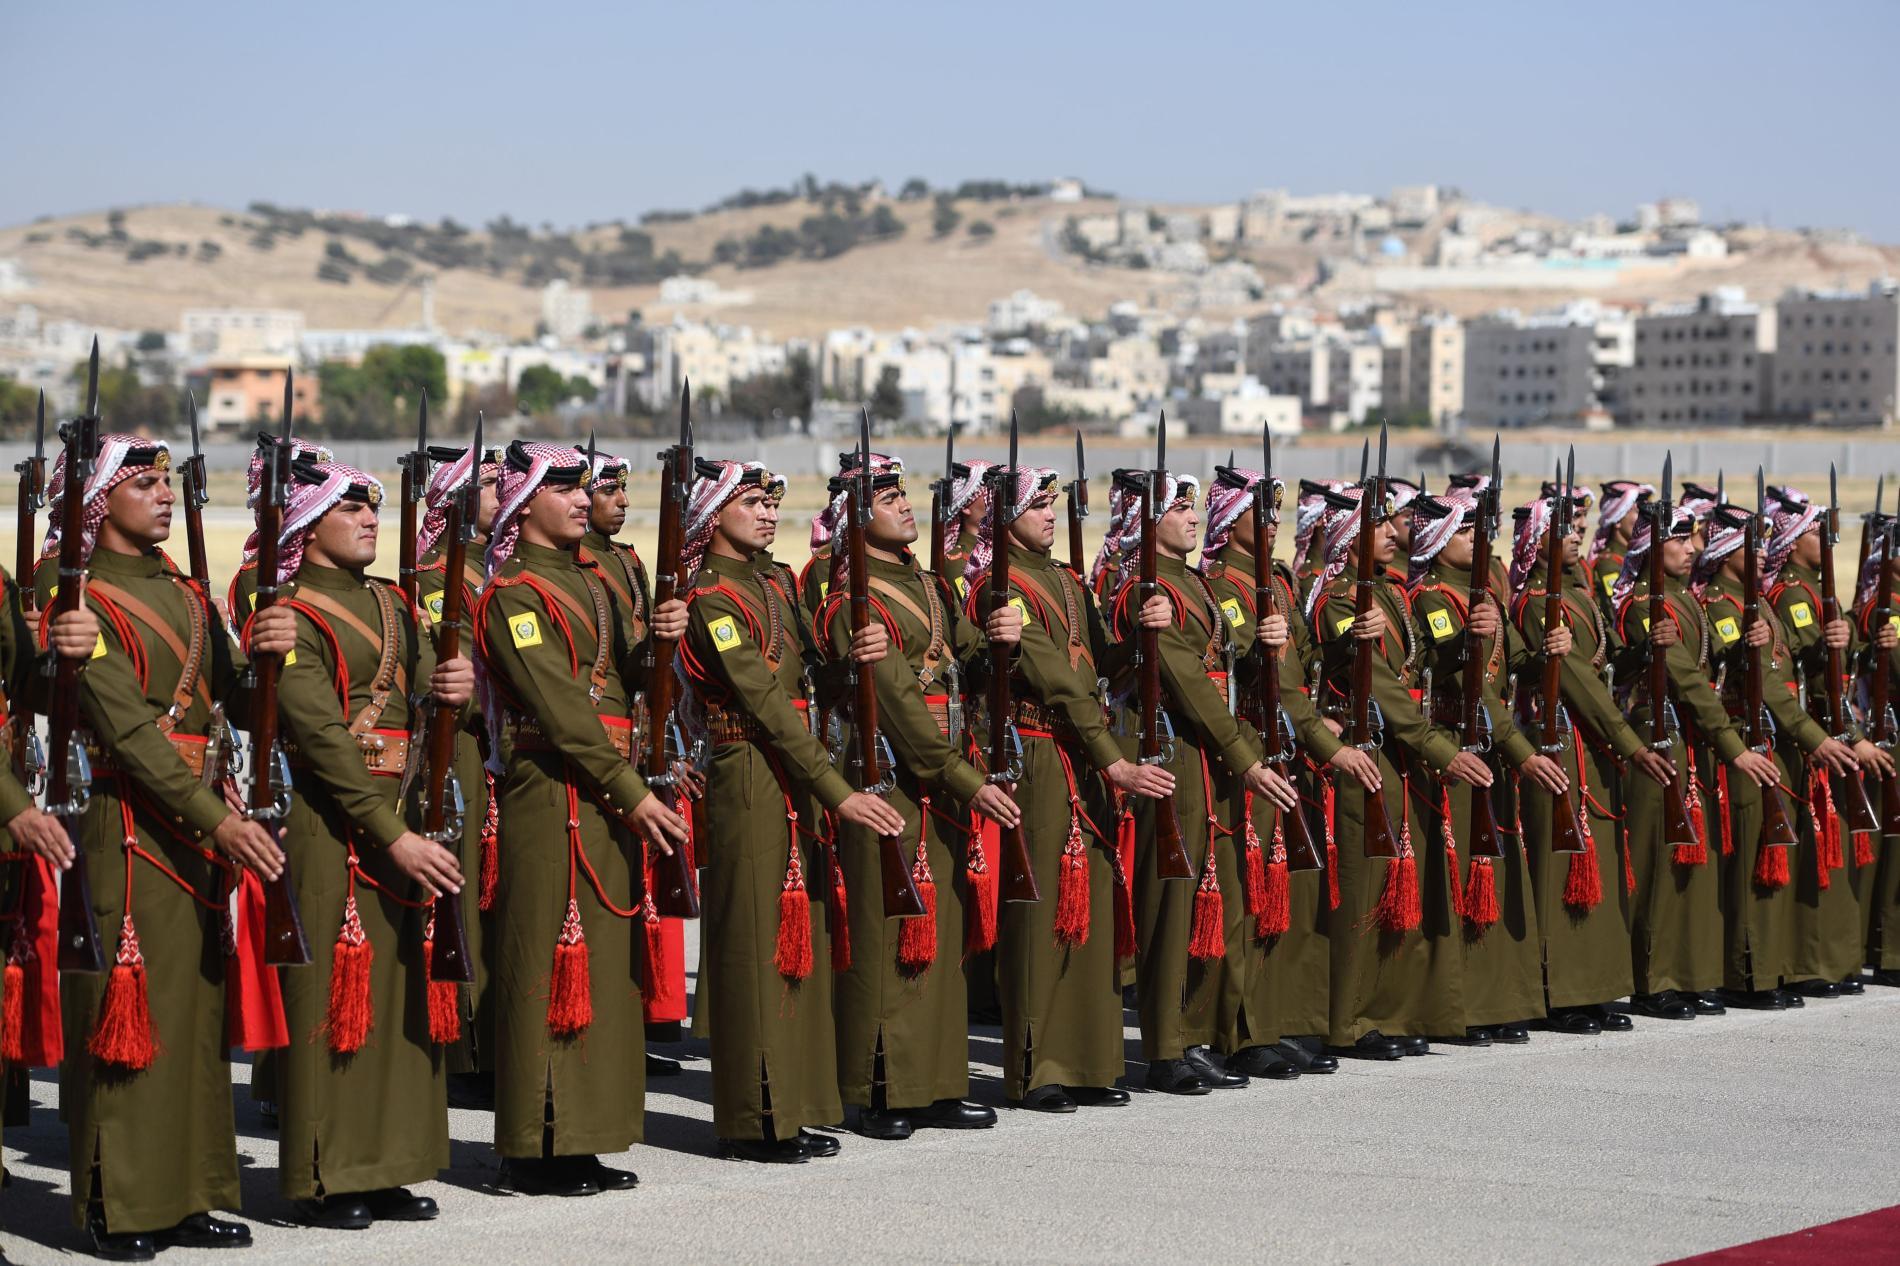 Le prince William est arrivé en Jordanie, première étape de sa tournée au Proche-Orient